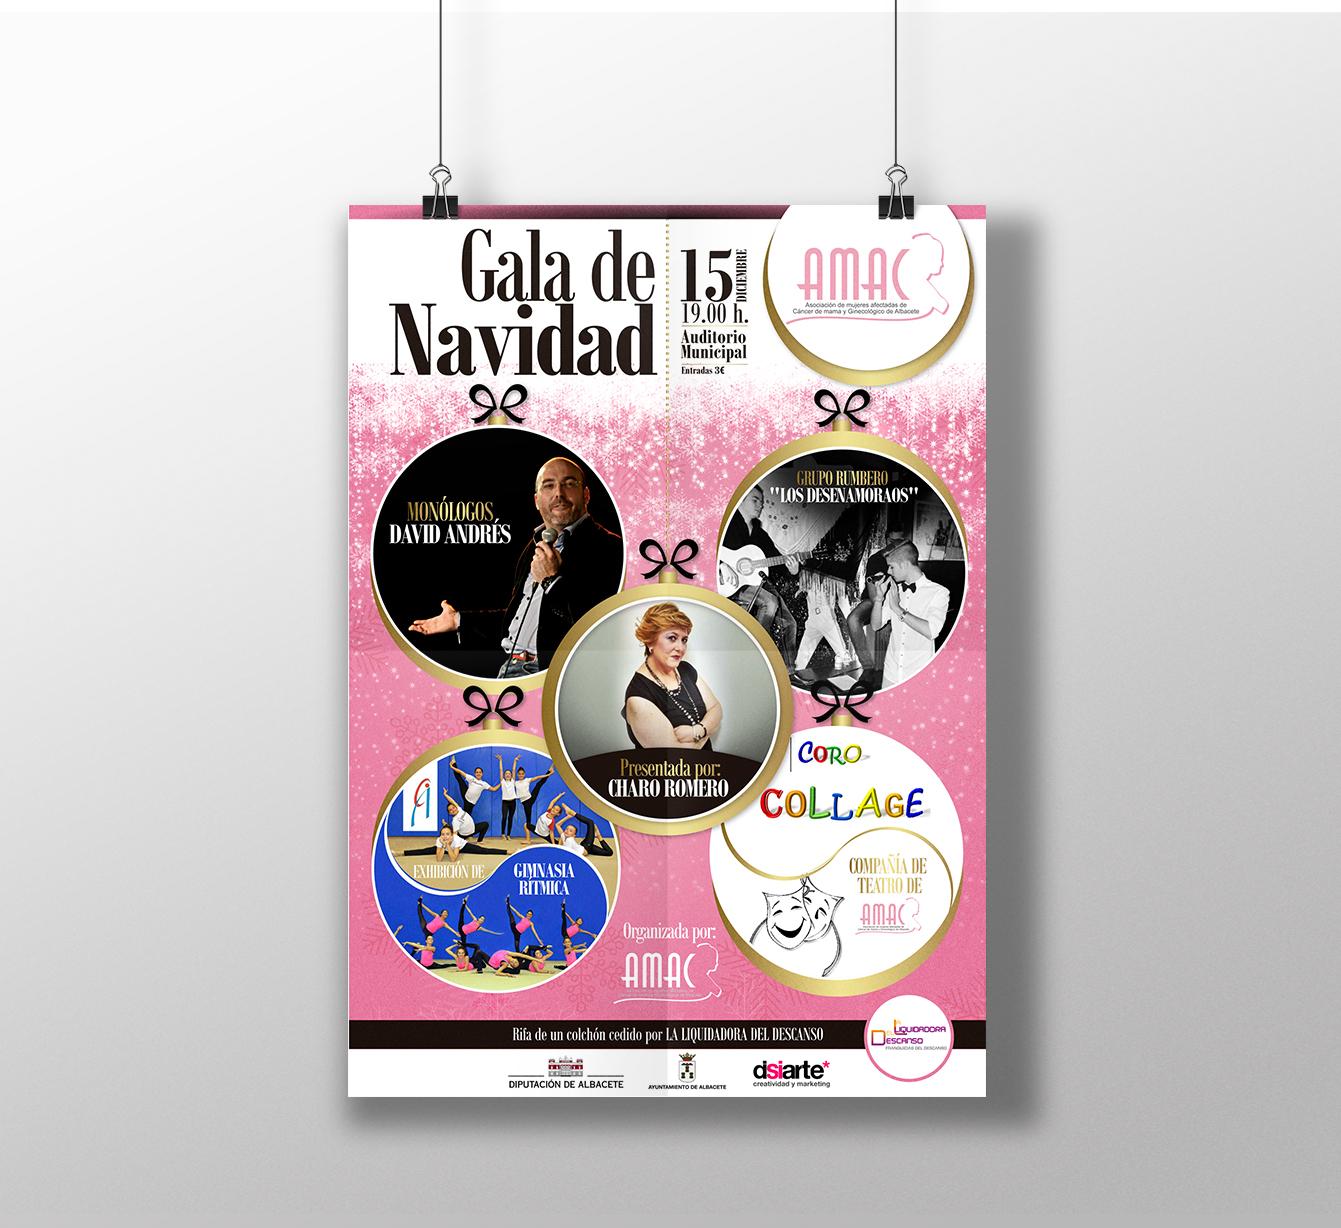 Diseño gráfico, diseño grafico Albacete, diseño de carteles y diseño de carteles gala de navidad AMAC